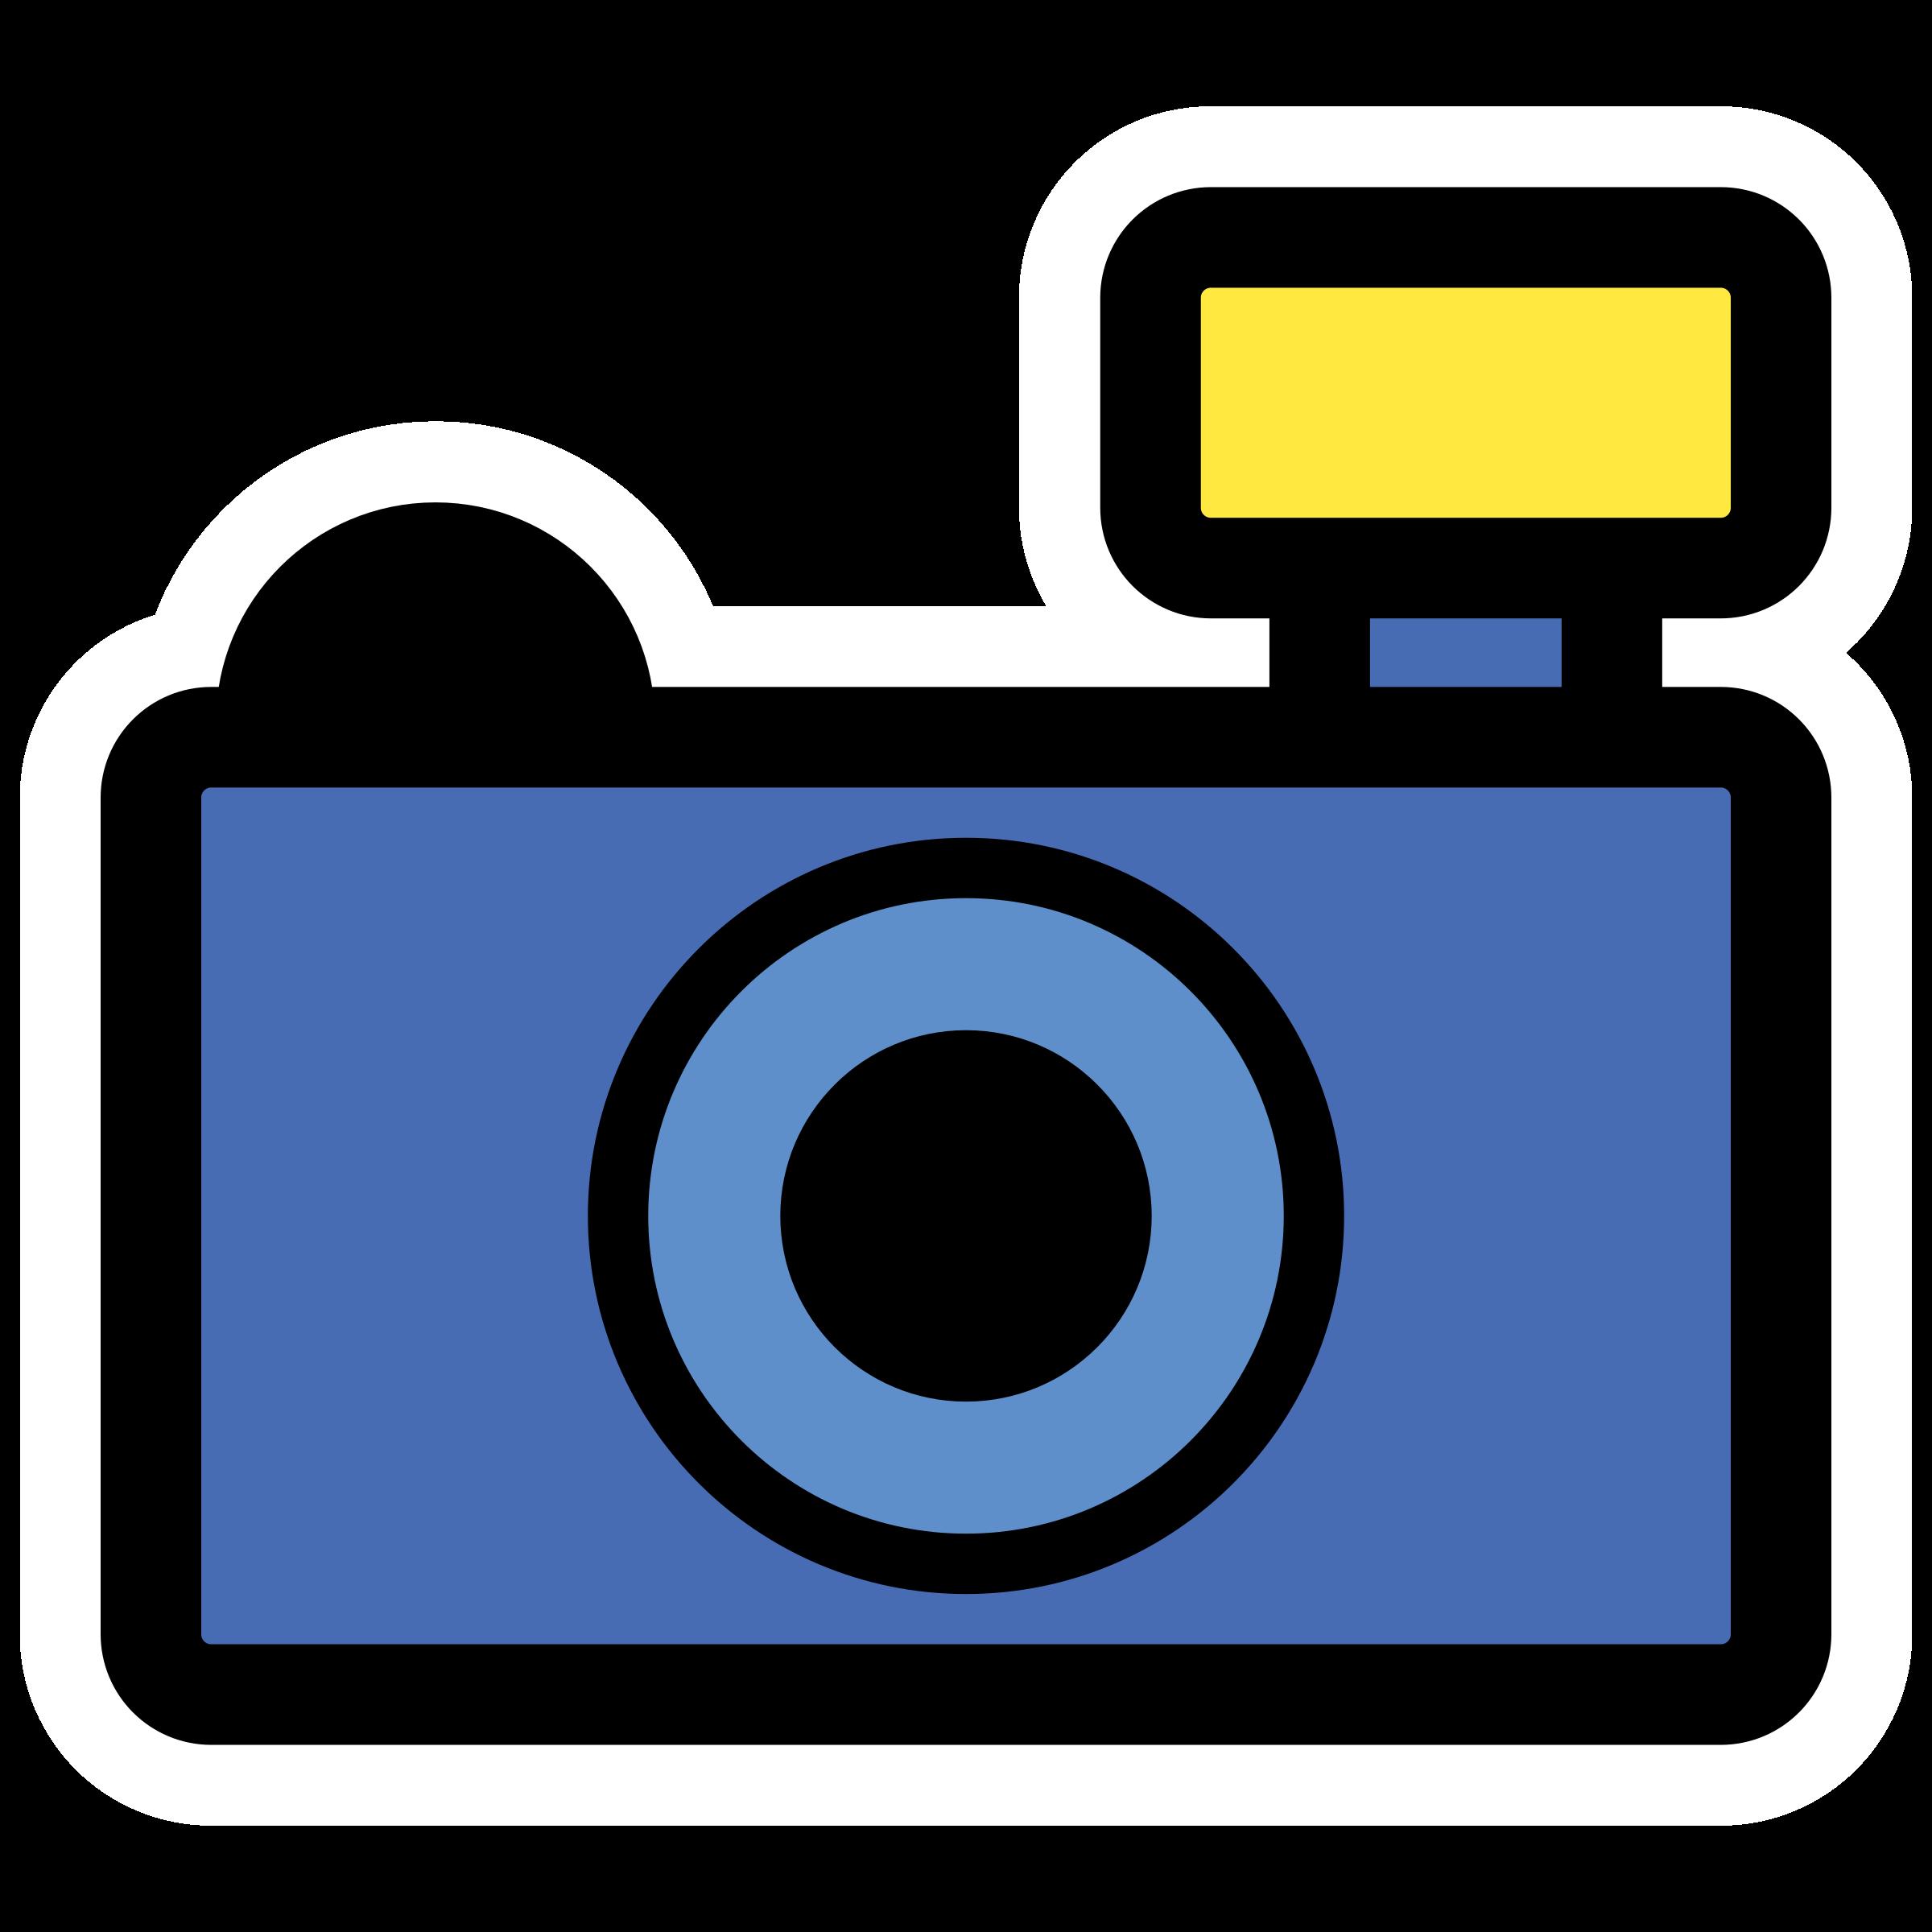 Camera cliparts free download clip art black and white Camera Clip Art Color   Clipart Free Download - Clip Art Library clip art black and white